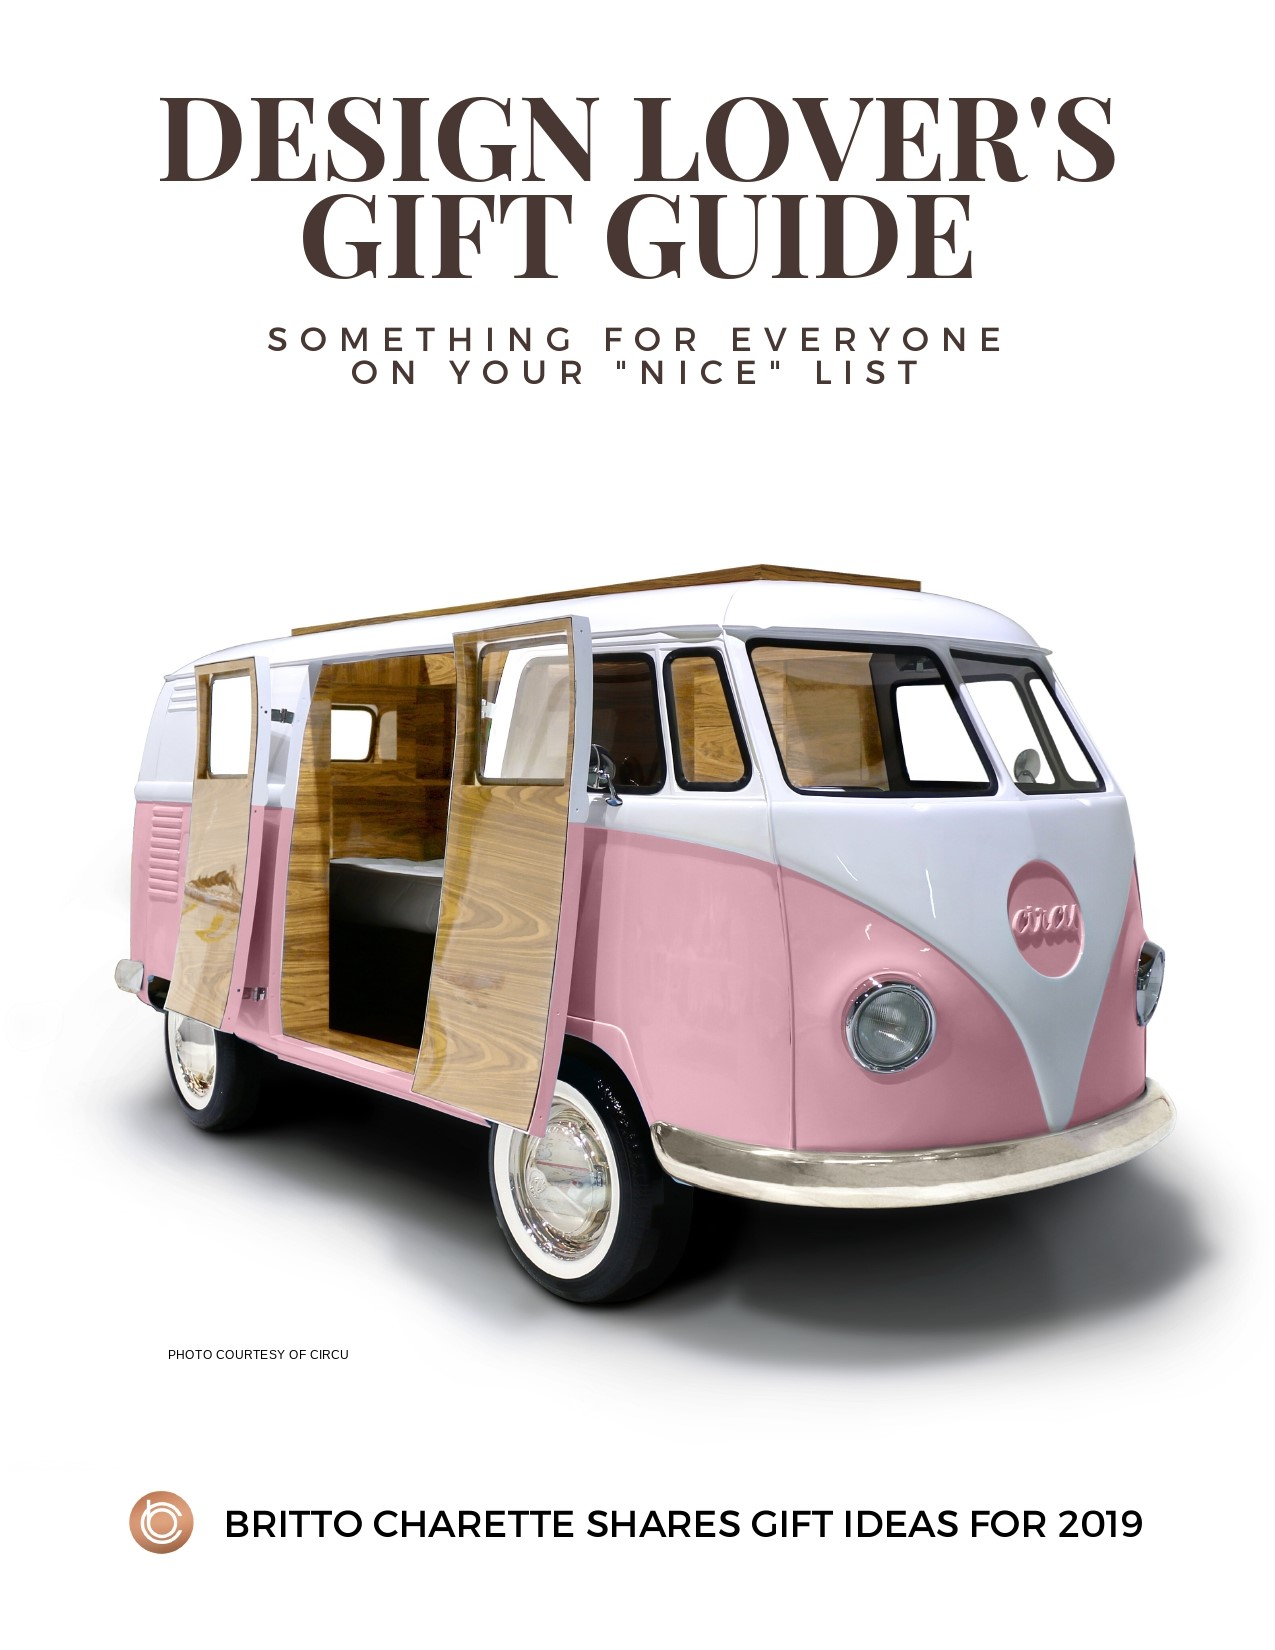 2 Design Guide Britto Charette 20129 Issue Massimiliano Maggio Luxury Pool Table Ziggurat 2019 FINAL DESIGN LOVER S Gift guide 1 1 page 0001